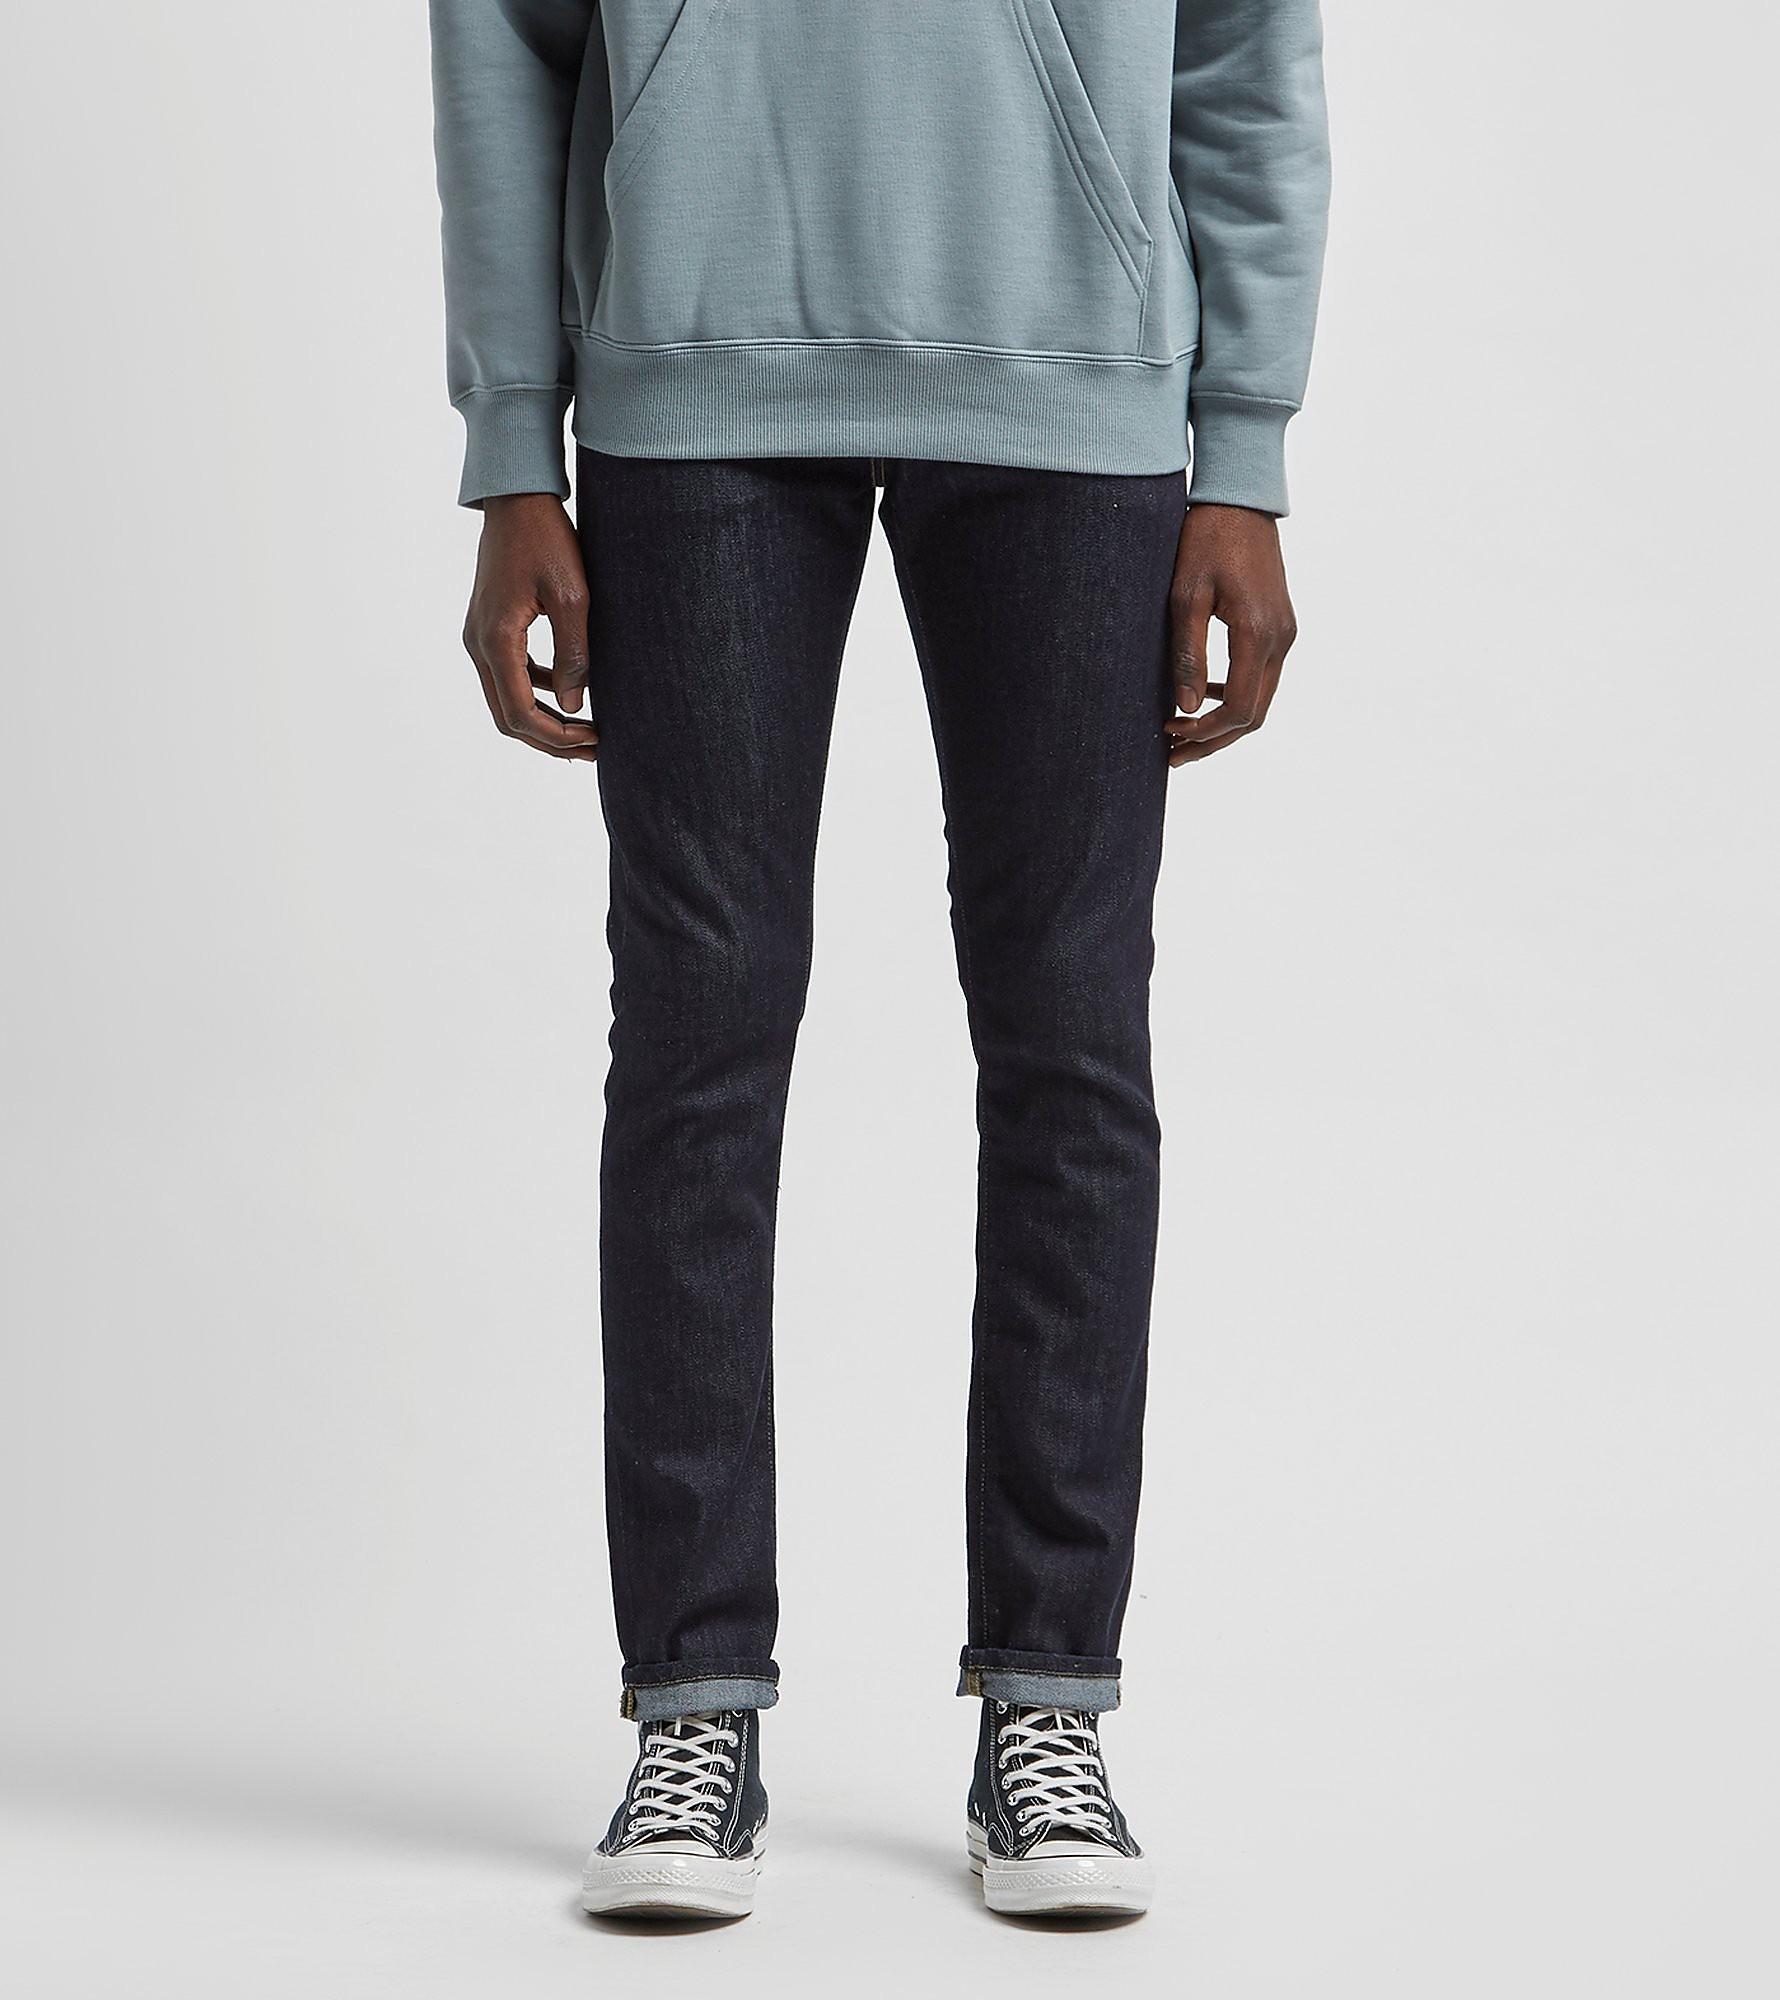 Carhartt WIP Rebel Regular Tapered Jeans